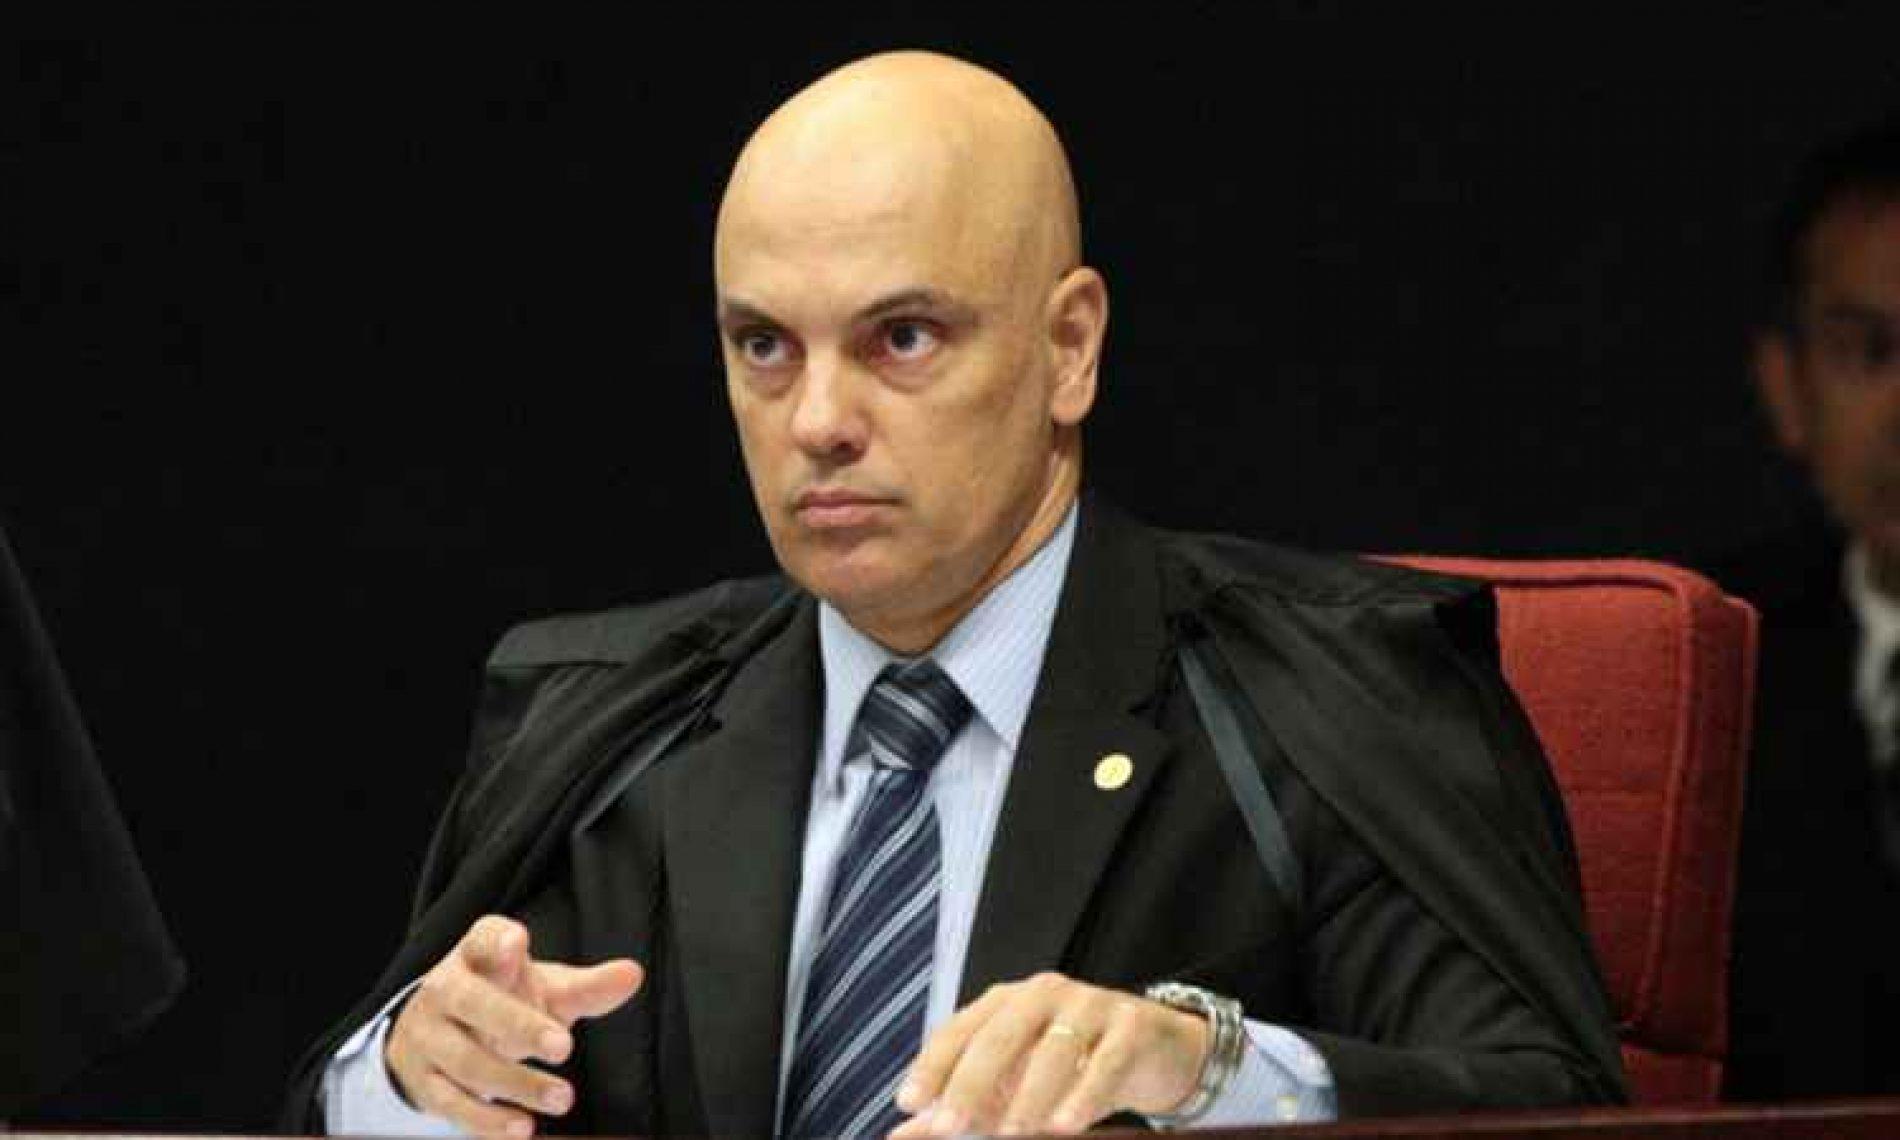 Uma luz para Lula. Ministro Moraes defender prisão só após STJ